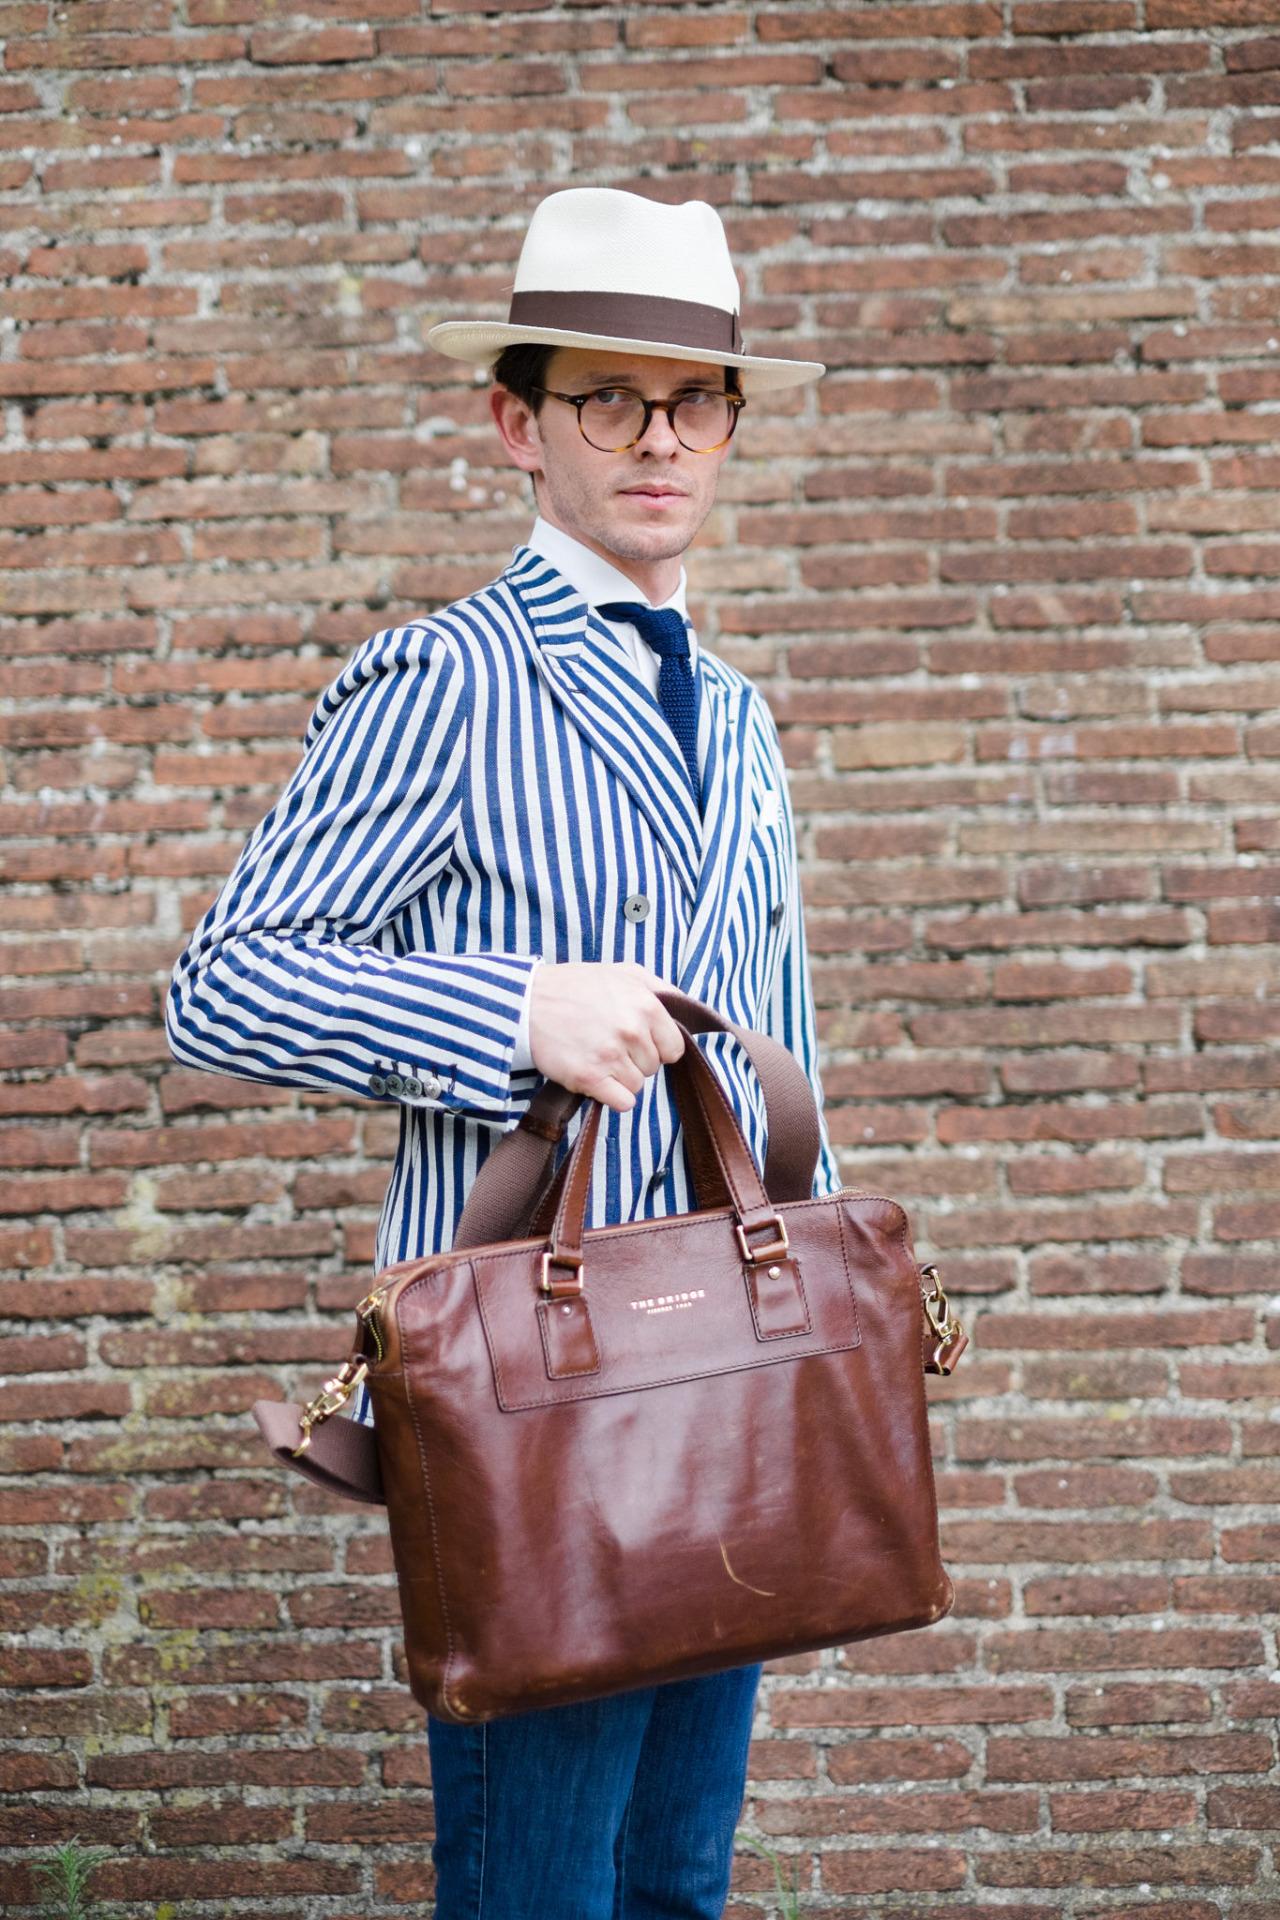 alessandromichelazzi :     88 Pitti Uomo, Firenze  More photos about it:  http://www.alessandromichelazzi.com/88-pitti-uomo-summer-pitticolor-fuji-x-t1/